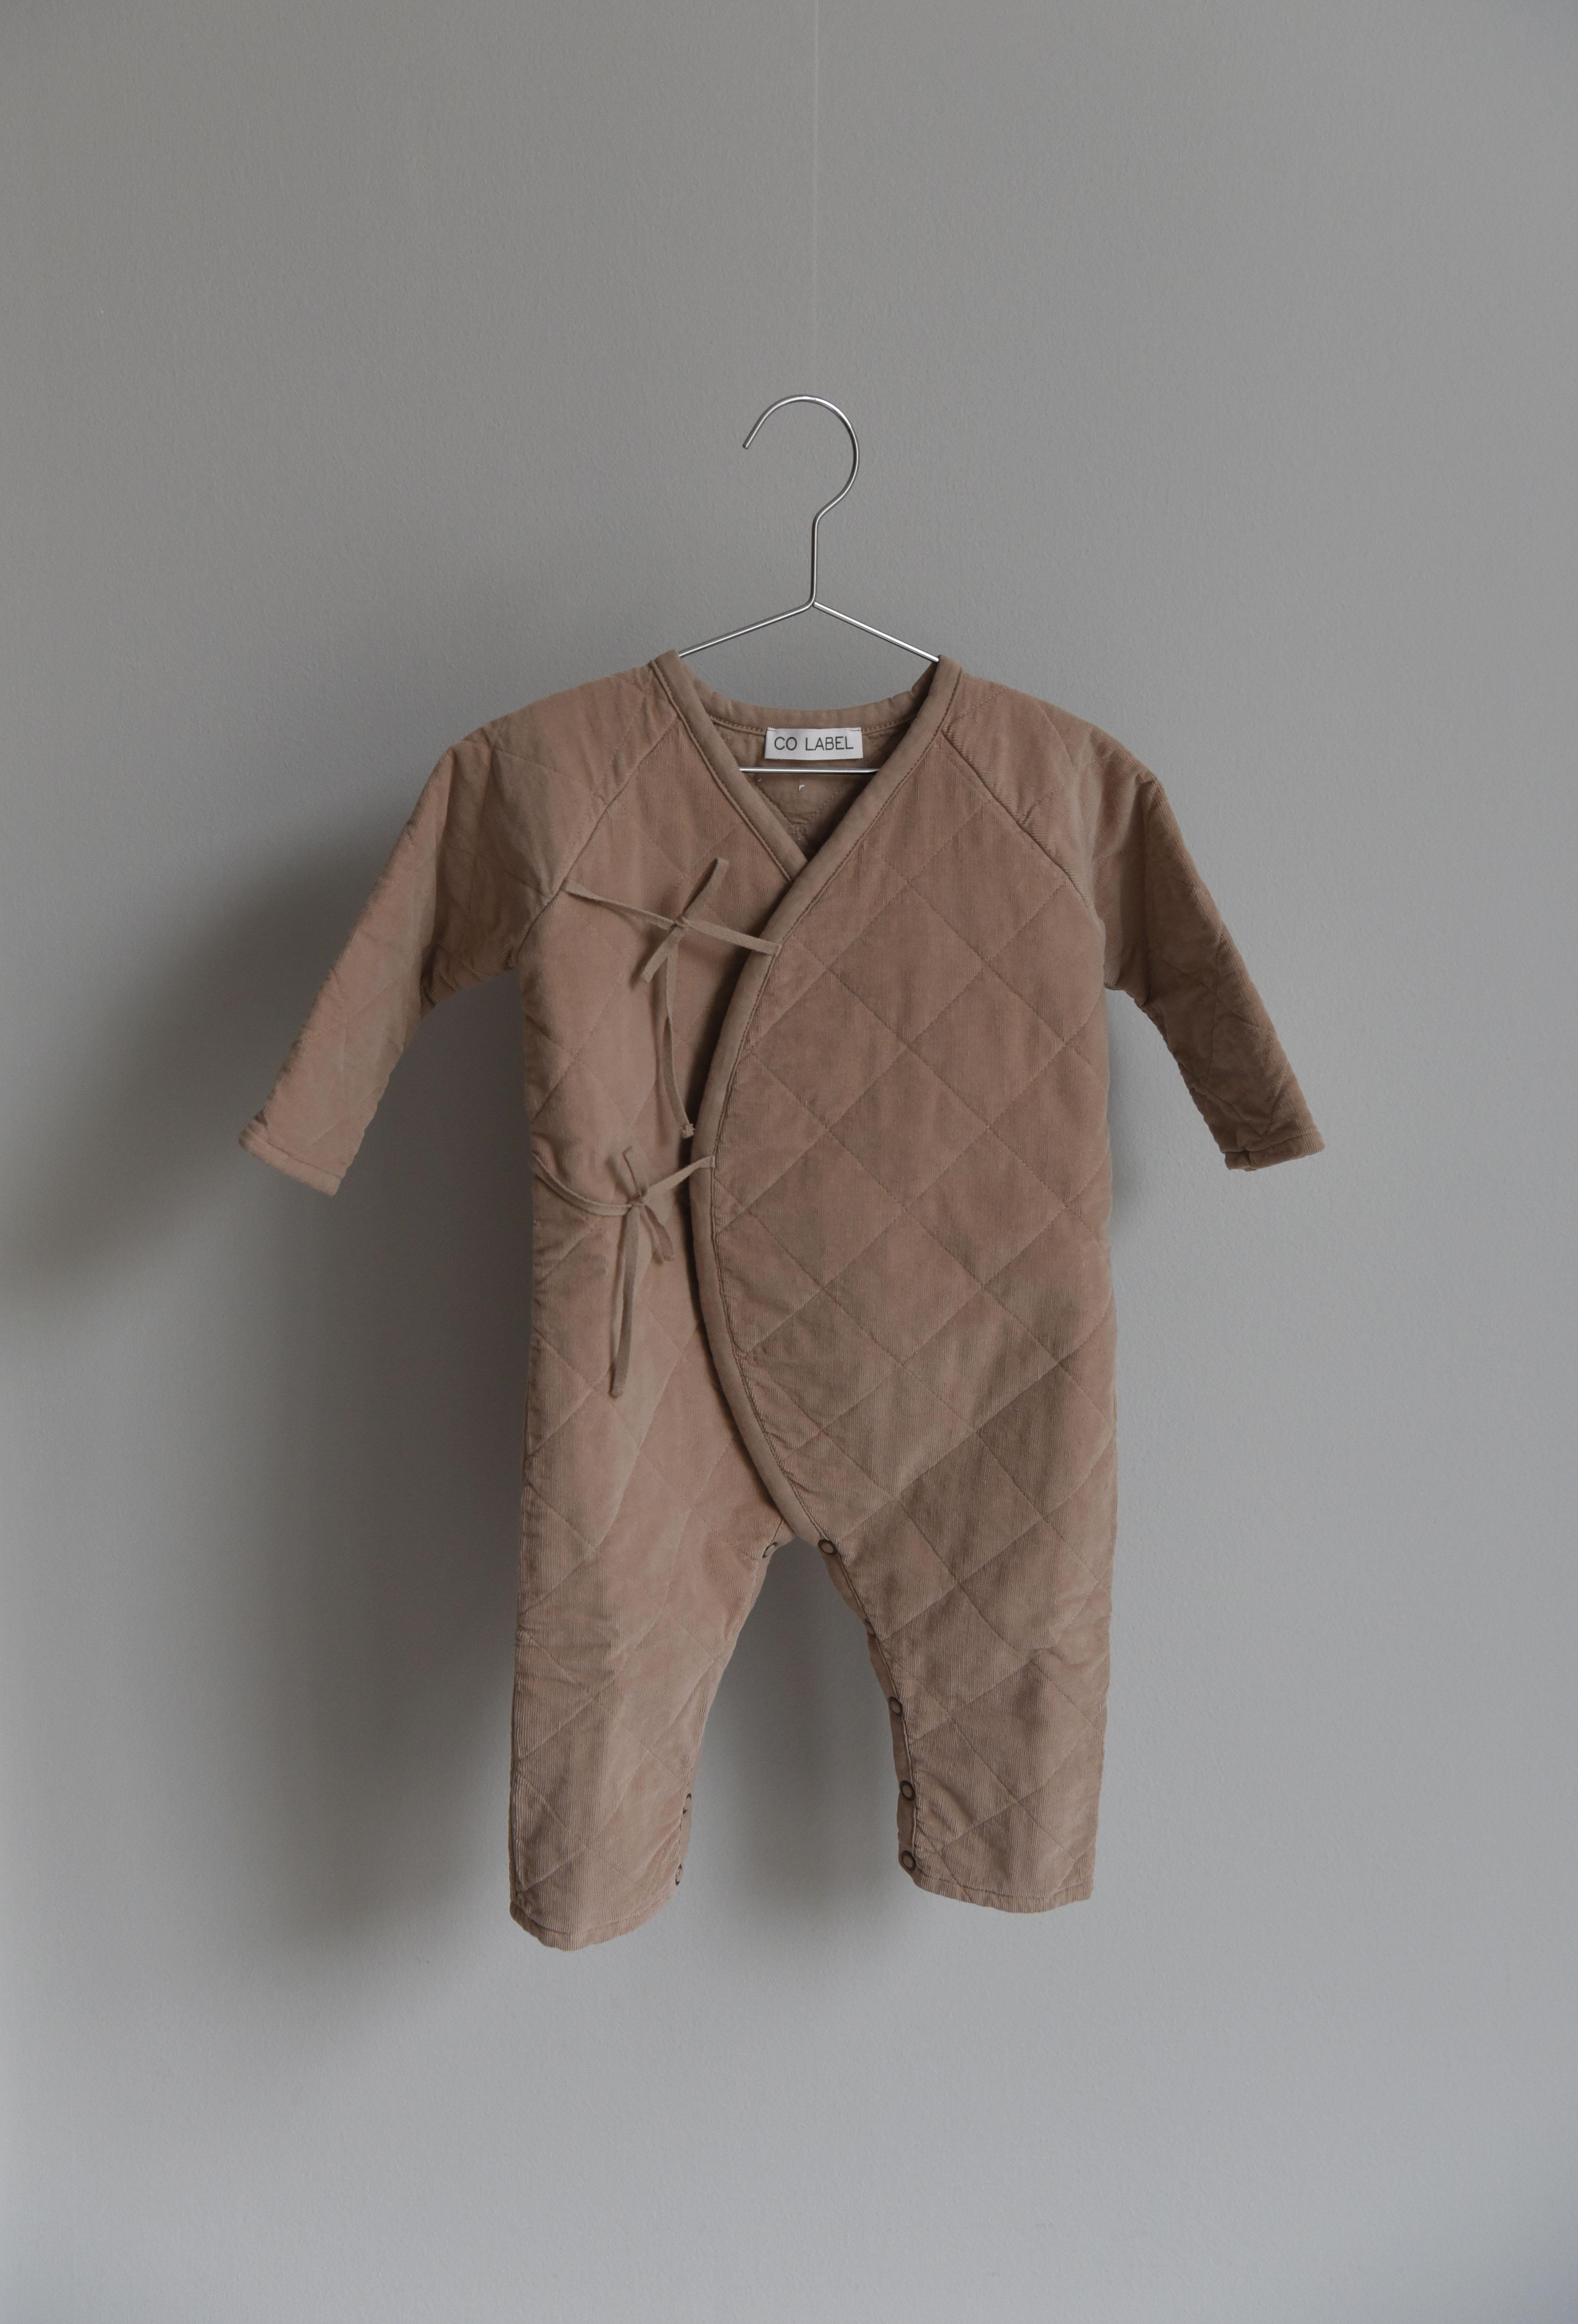 CO LABEL Eddie babysuit - mushroom -